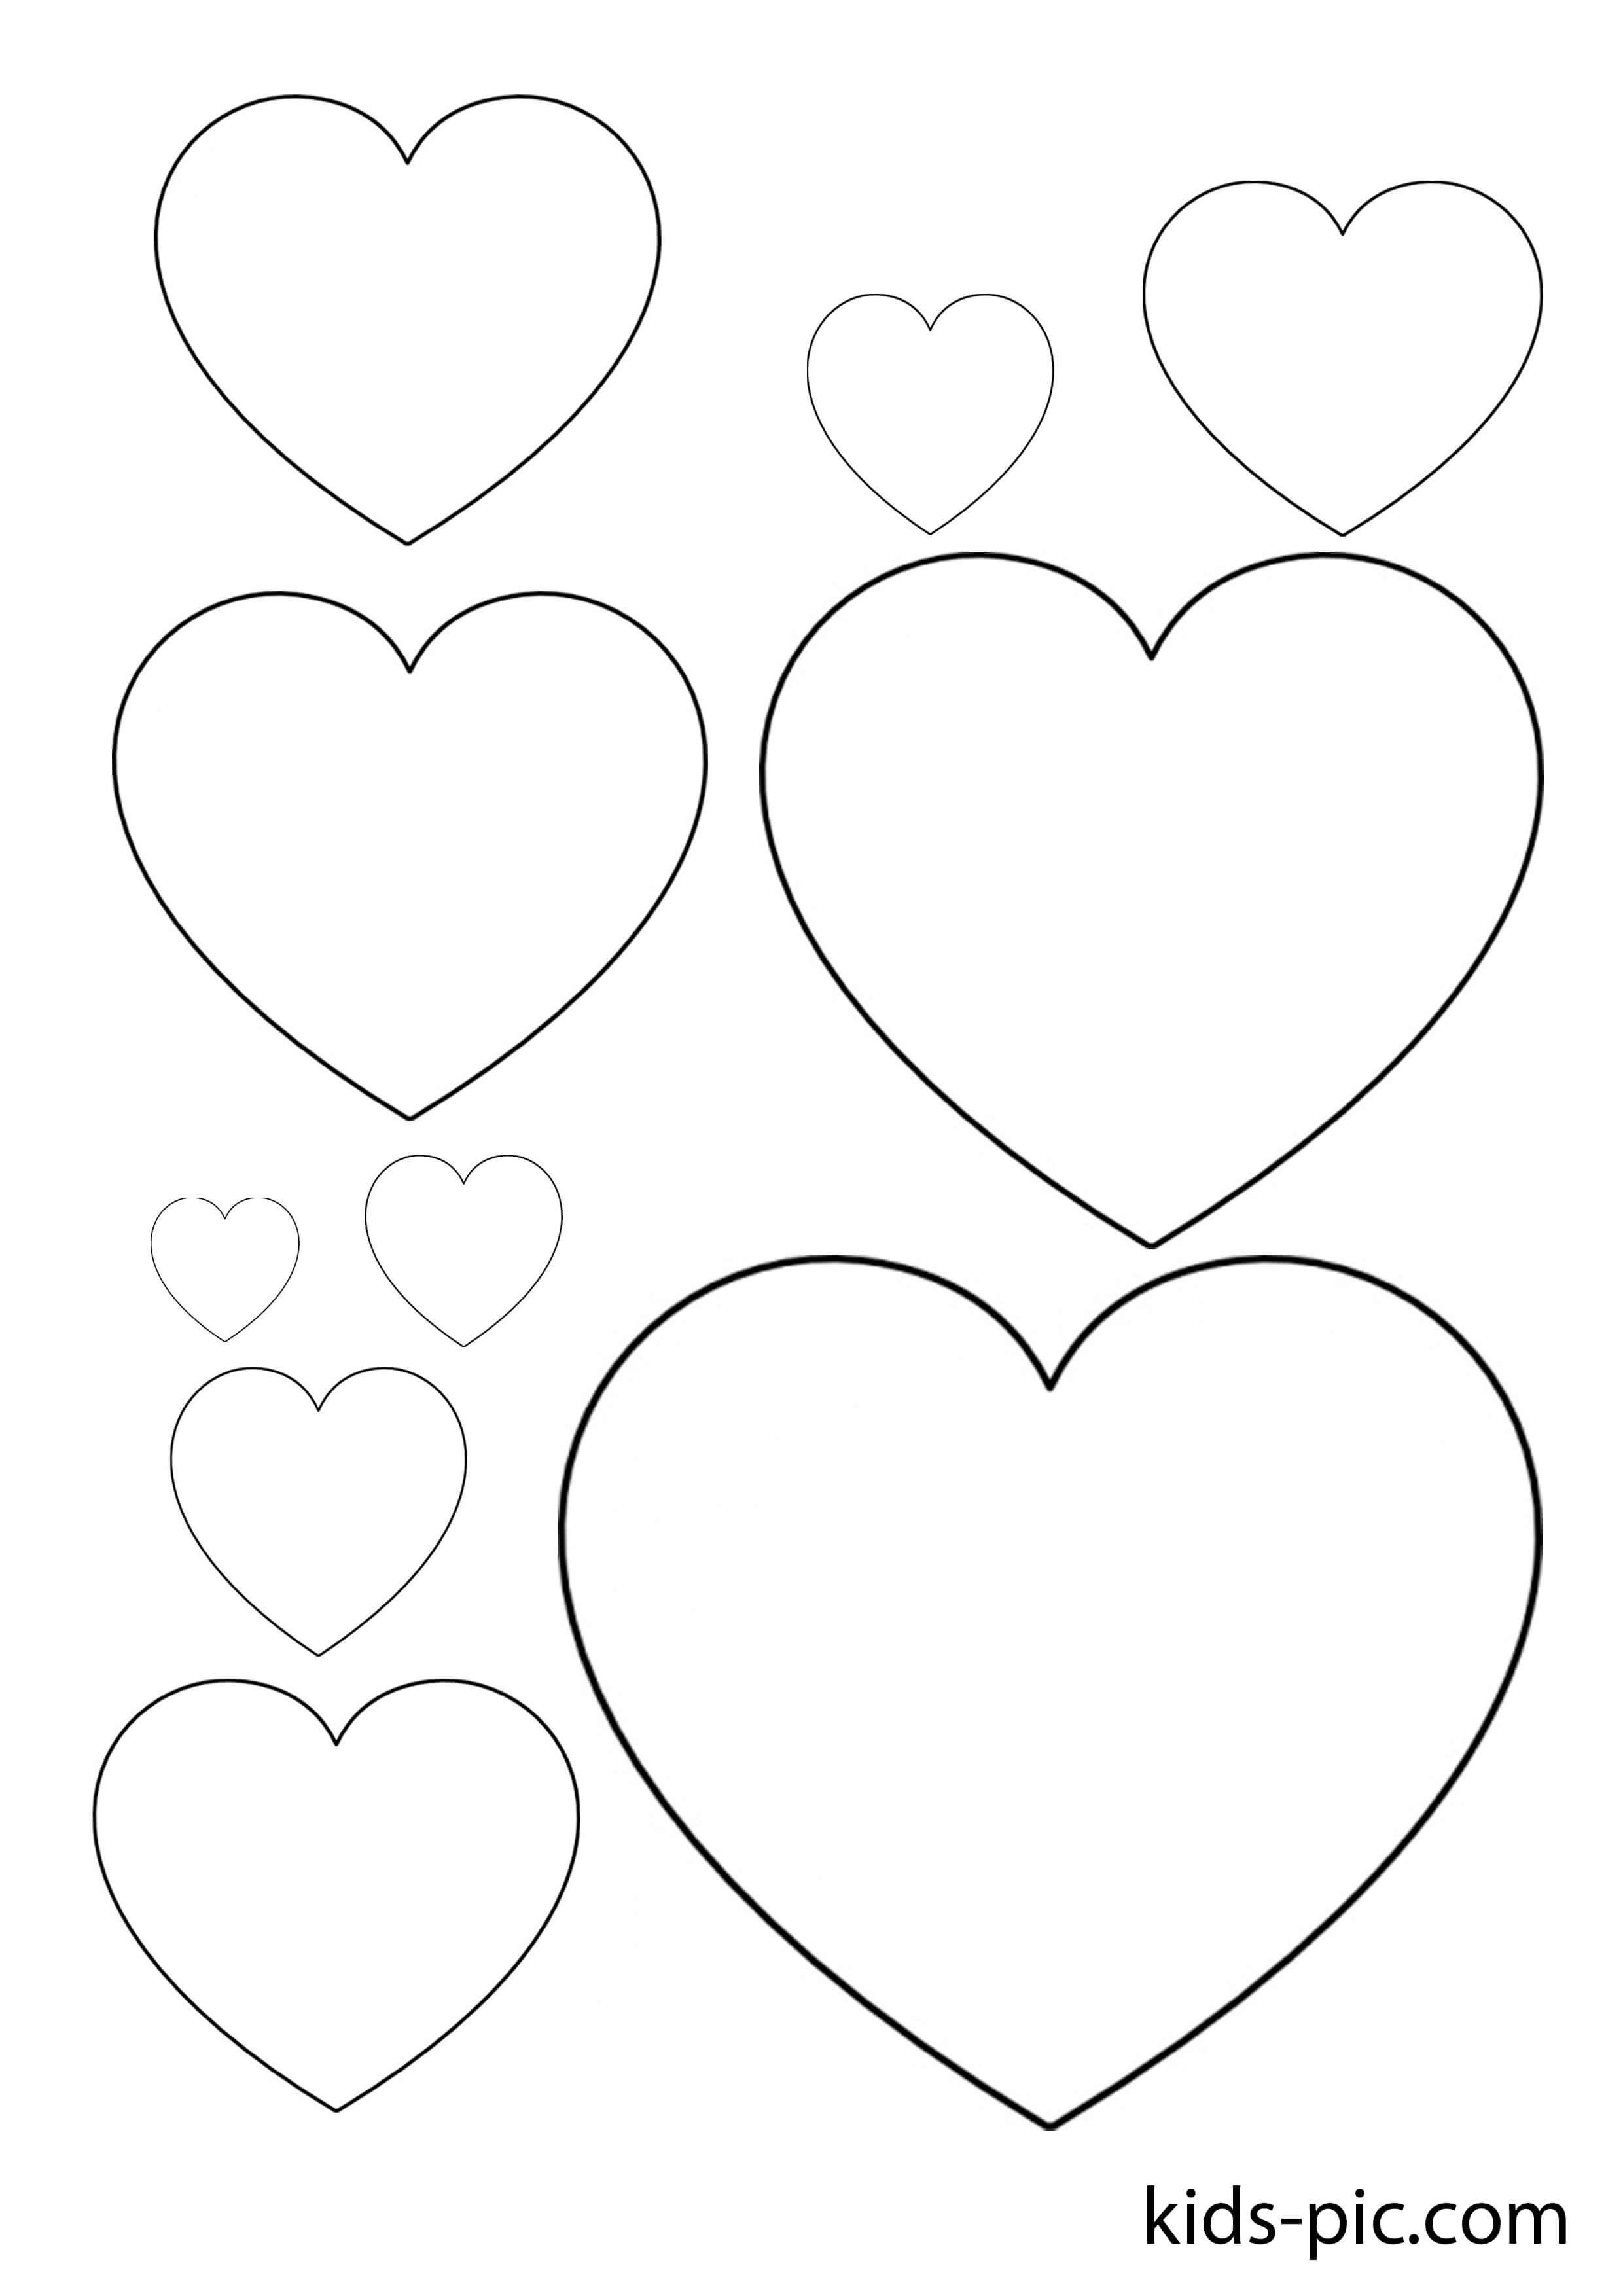 Трафарет сердечко для вырезания из бумаги шаблоны, надписью массаж